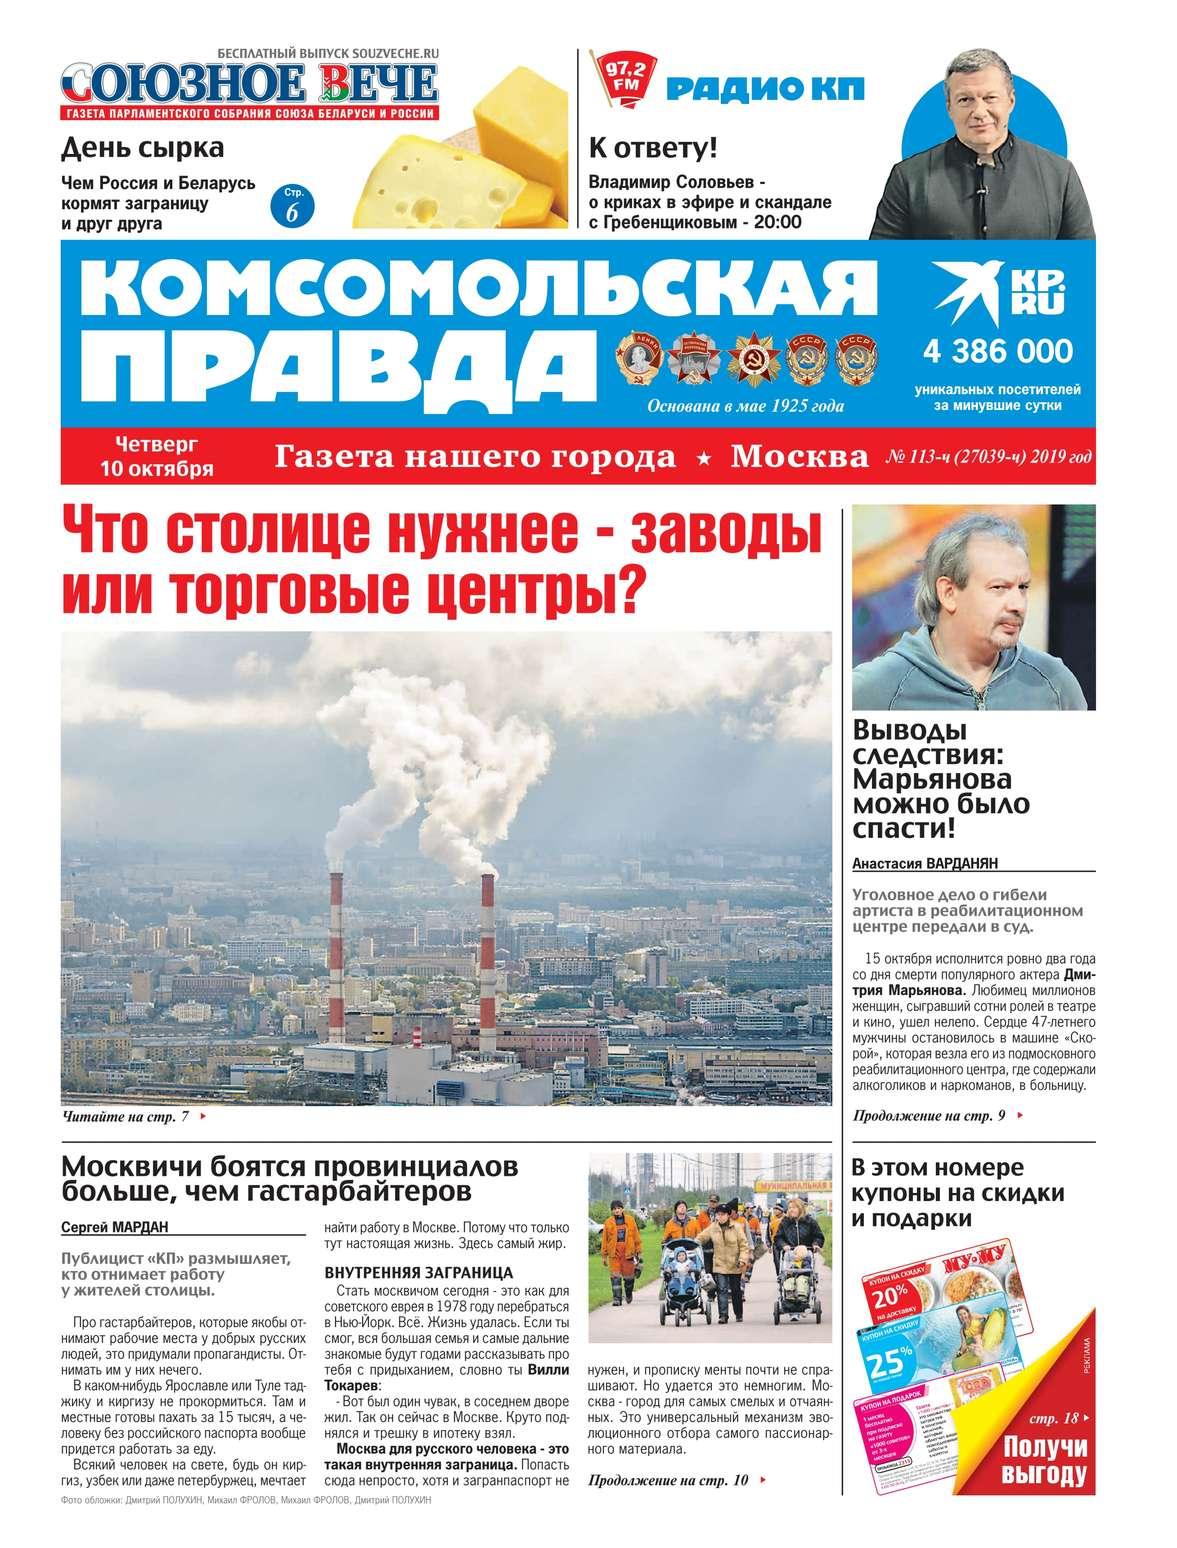 Комсомольская Правда. Москва 113ч-2019